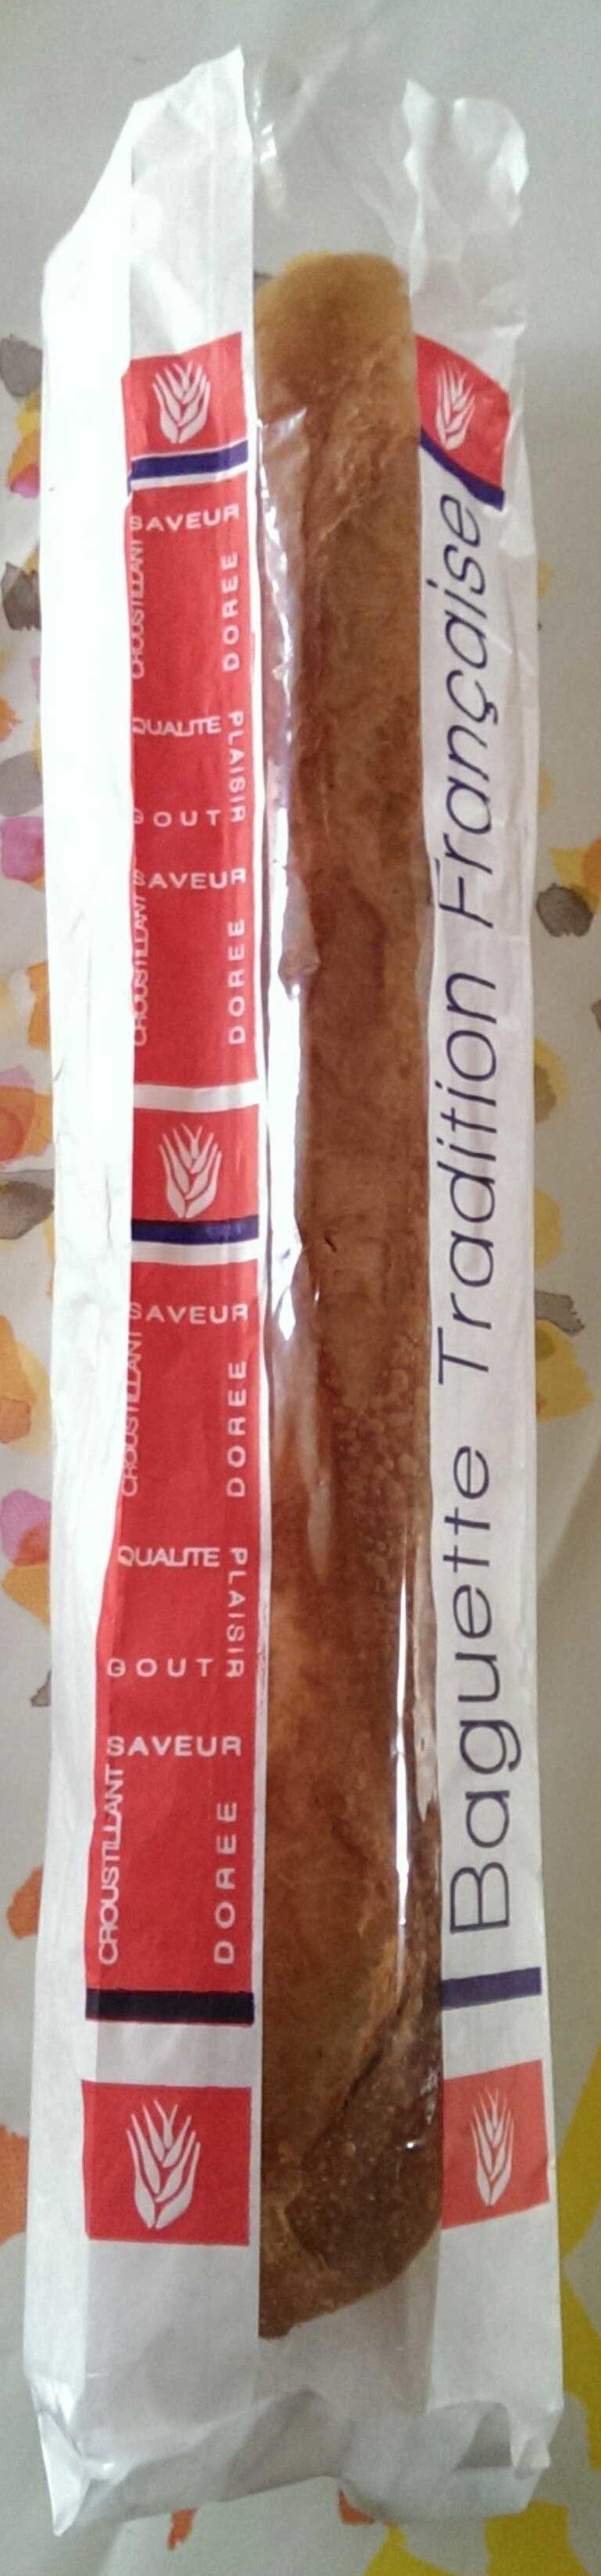 Baguette Moulée 250 grs - Prodotto - fr